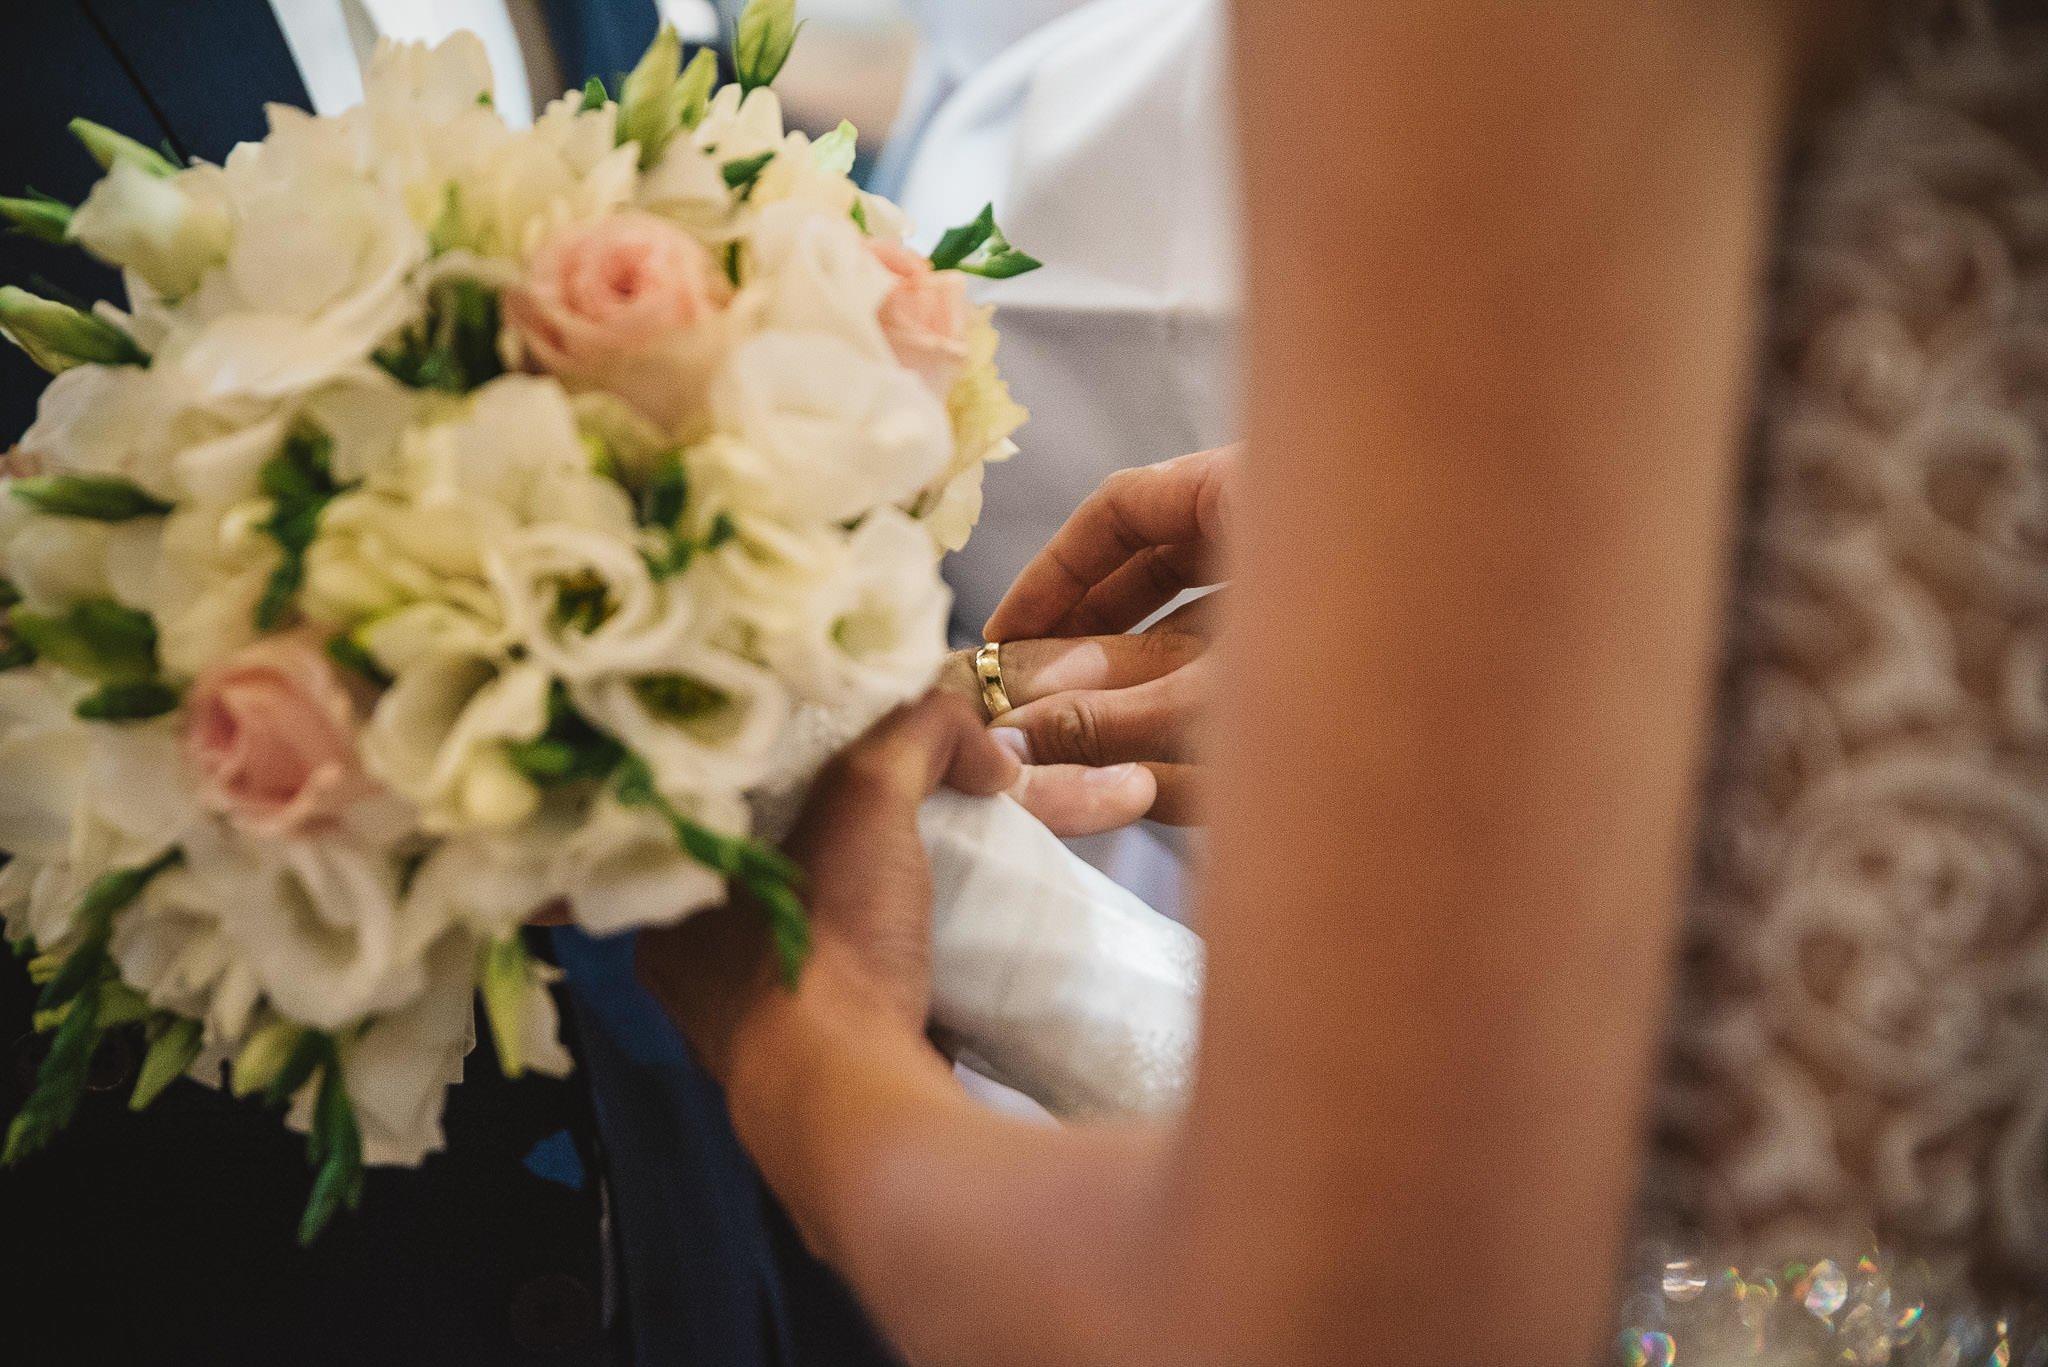 Monika i Michał, wesele w Paryżu i sesja plenerowa w stadninie koni w Czołowie 124